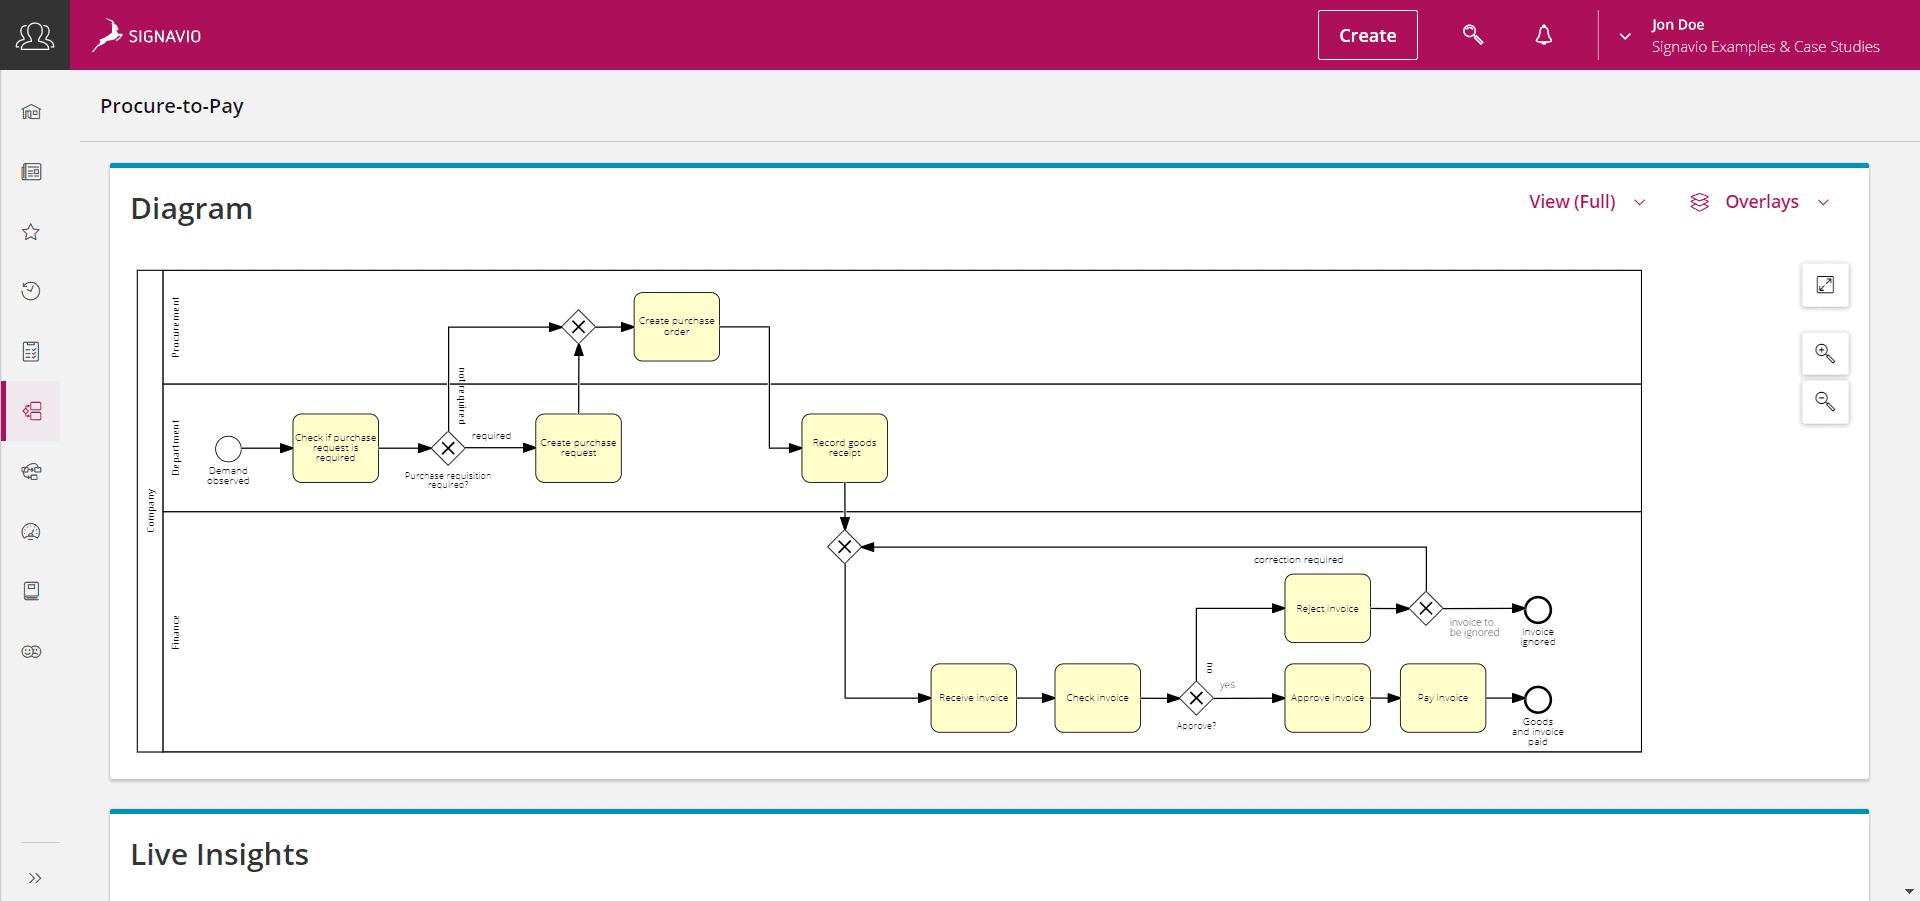 modélisation processus P2P image